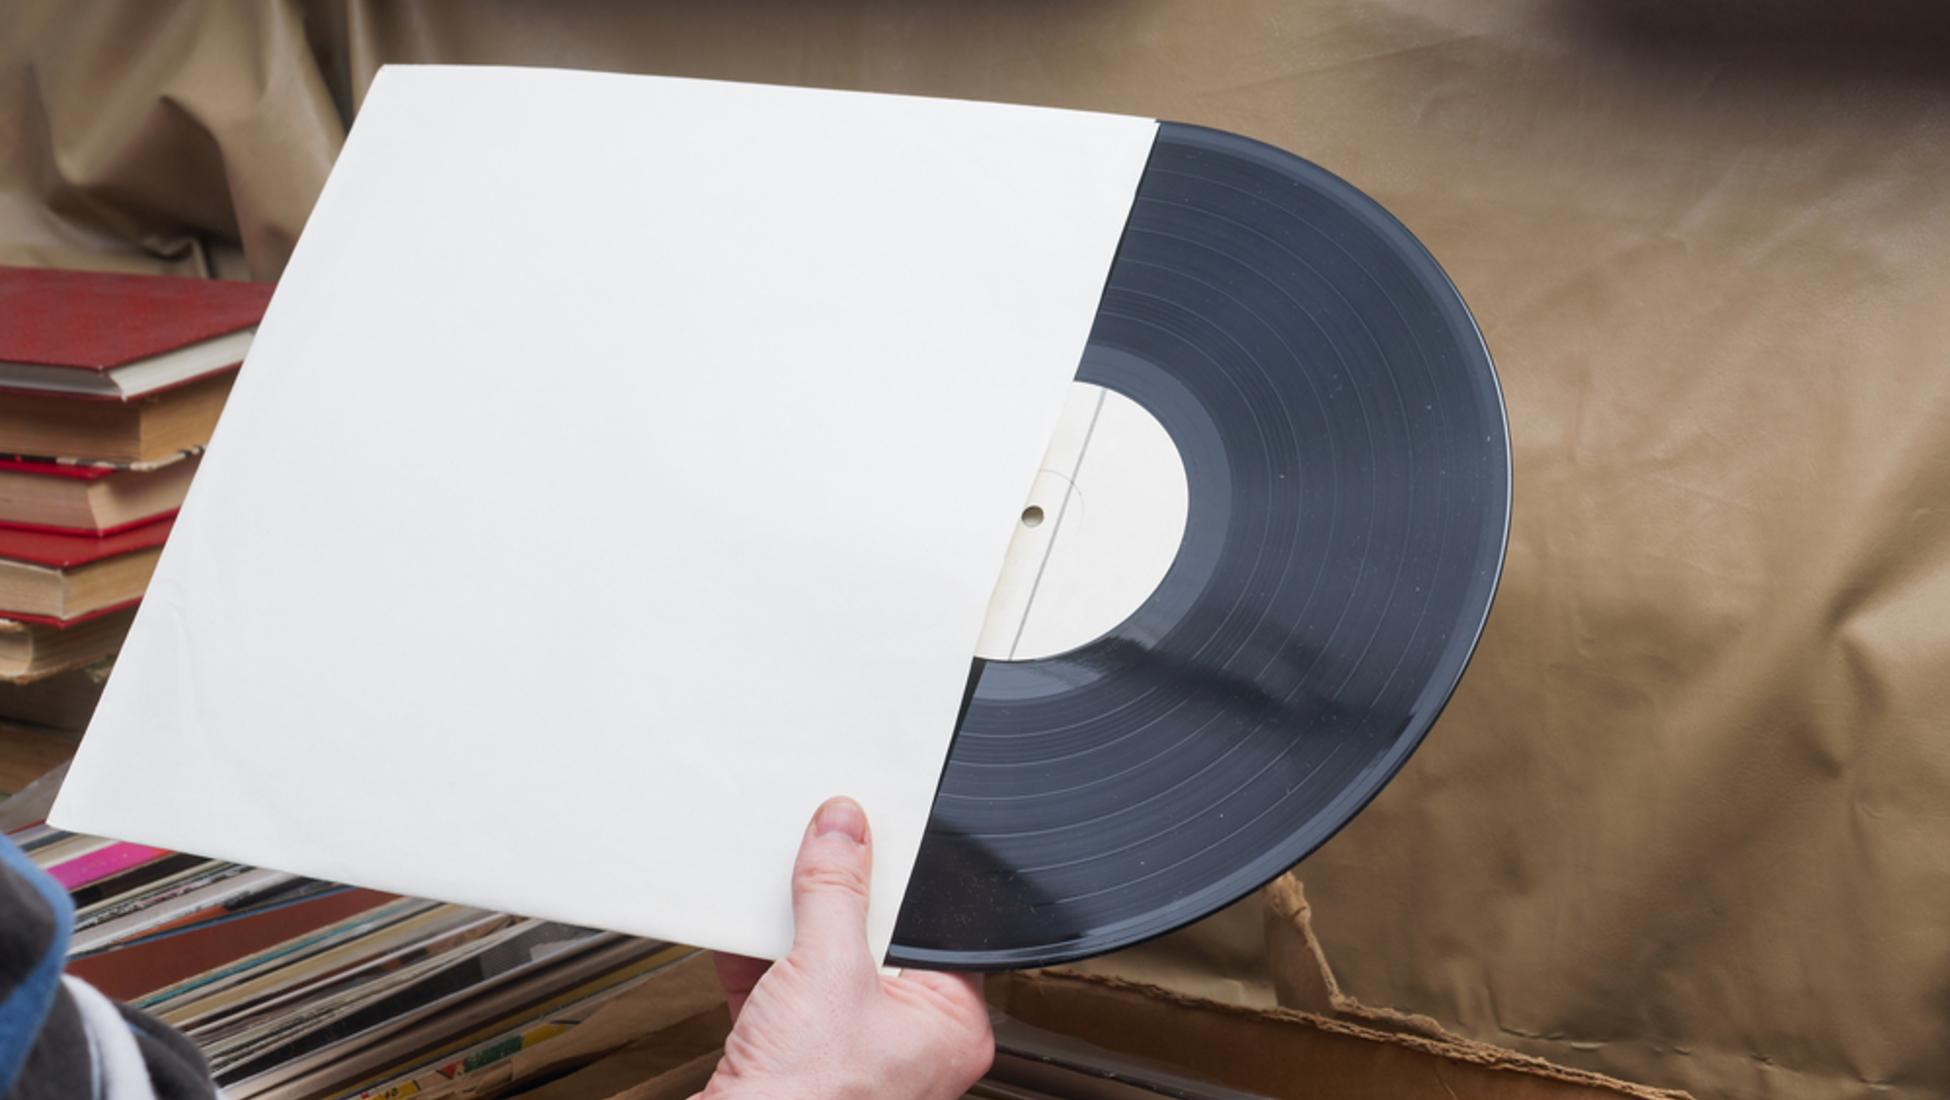 conseils d expert comment prendre soin de votre collection de vinyles catawiki. Black Bedroom Furniture Sets. Home Design Ideas